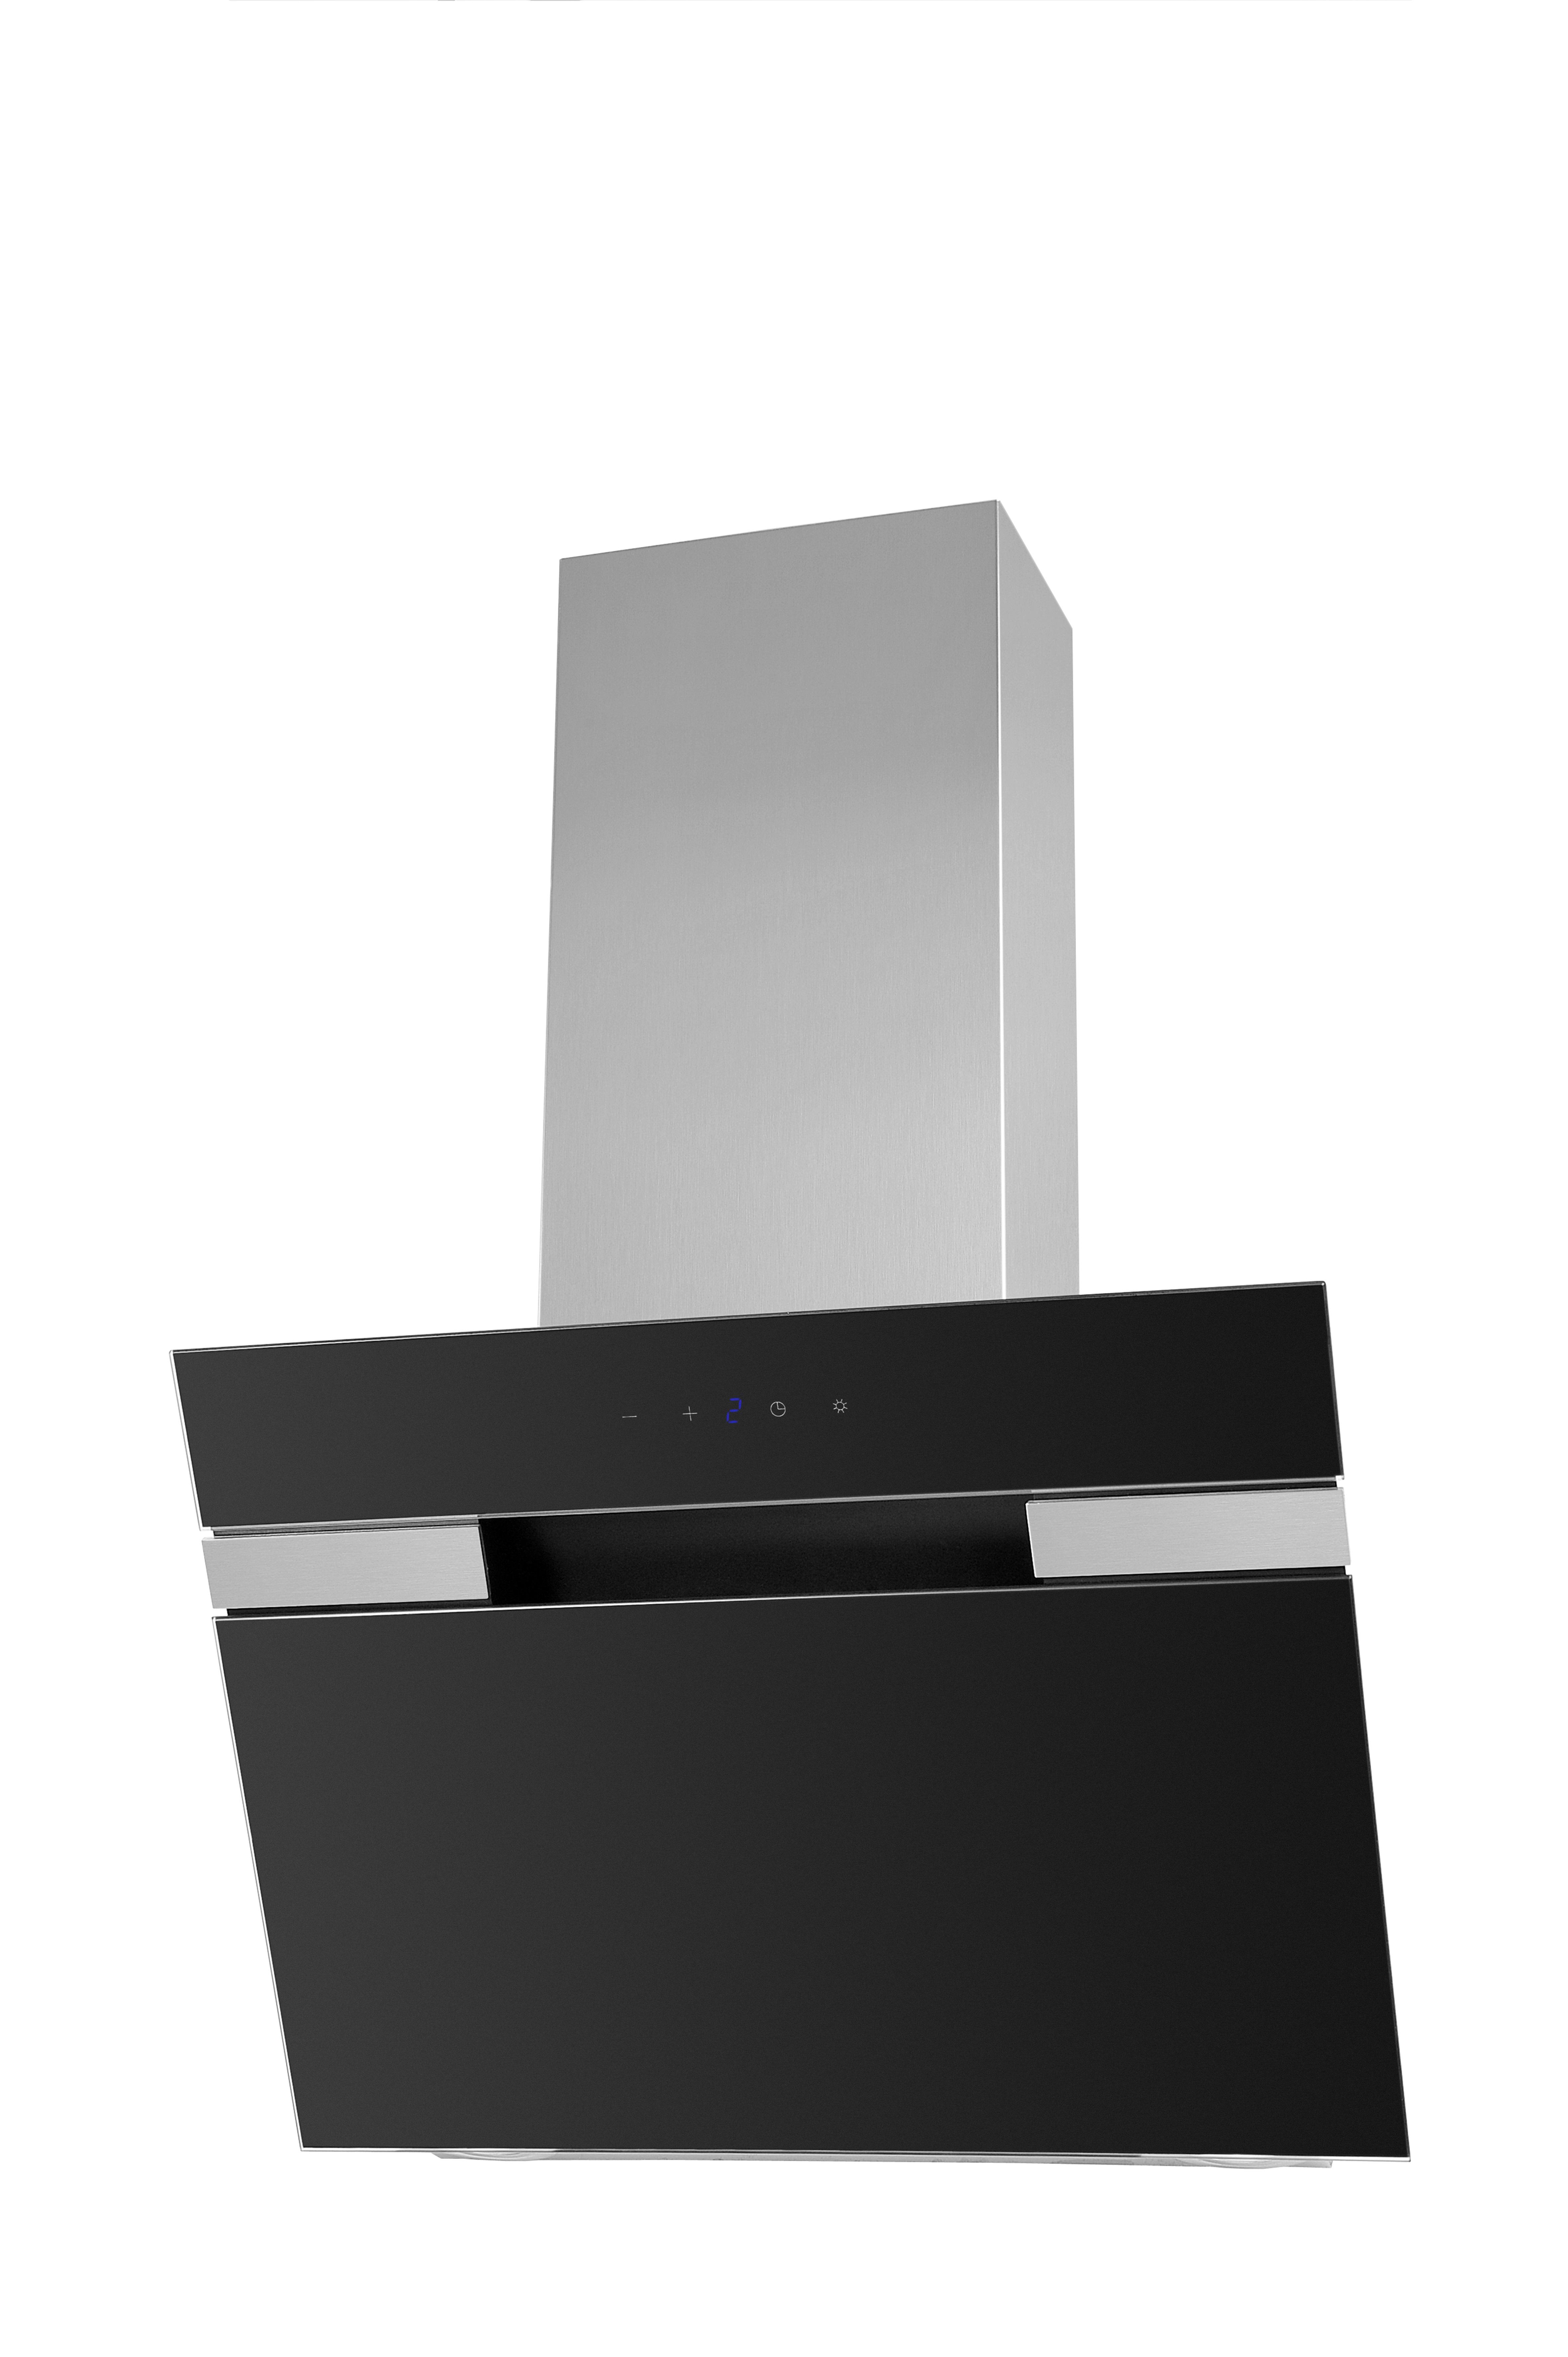 billig witt wpc 60 k b online her elektronik h rde hvidevarer. Black Bedroom Furniture Sets. Home Design Ideas